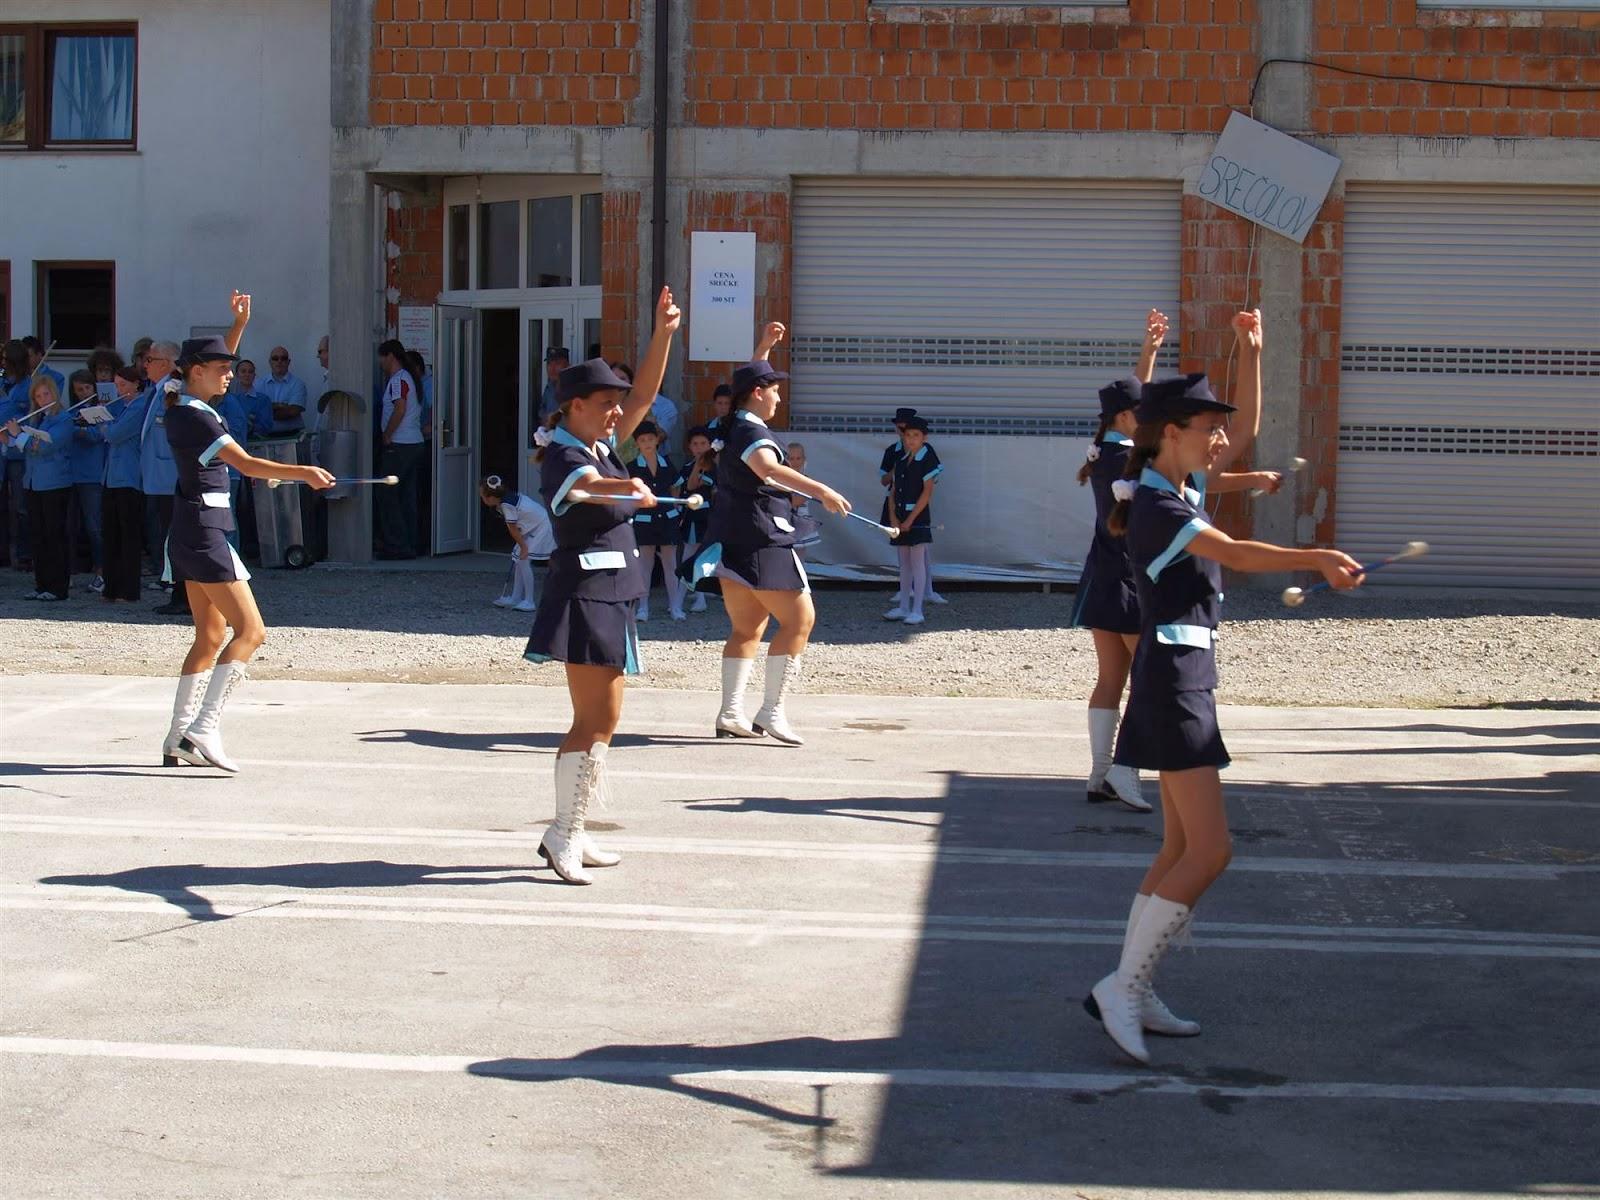 Gasilska parada, Ilirska Bistrica 2006 - P0103564.JPG